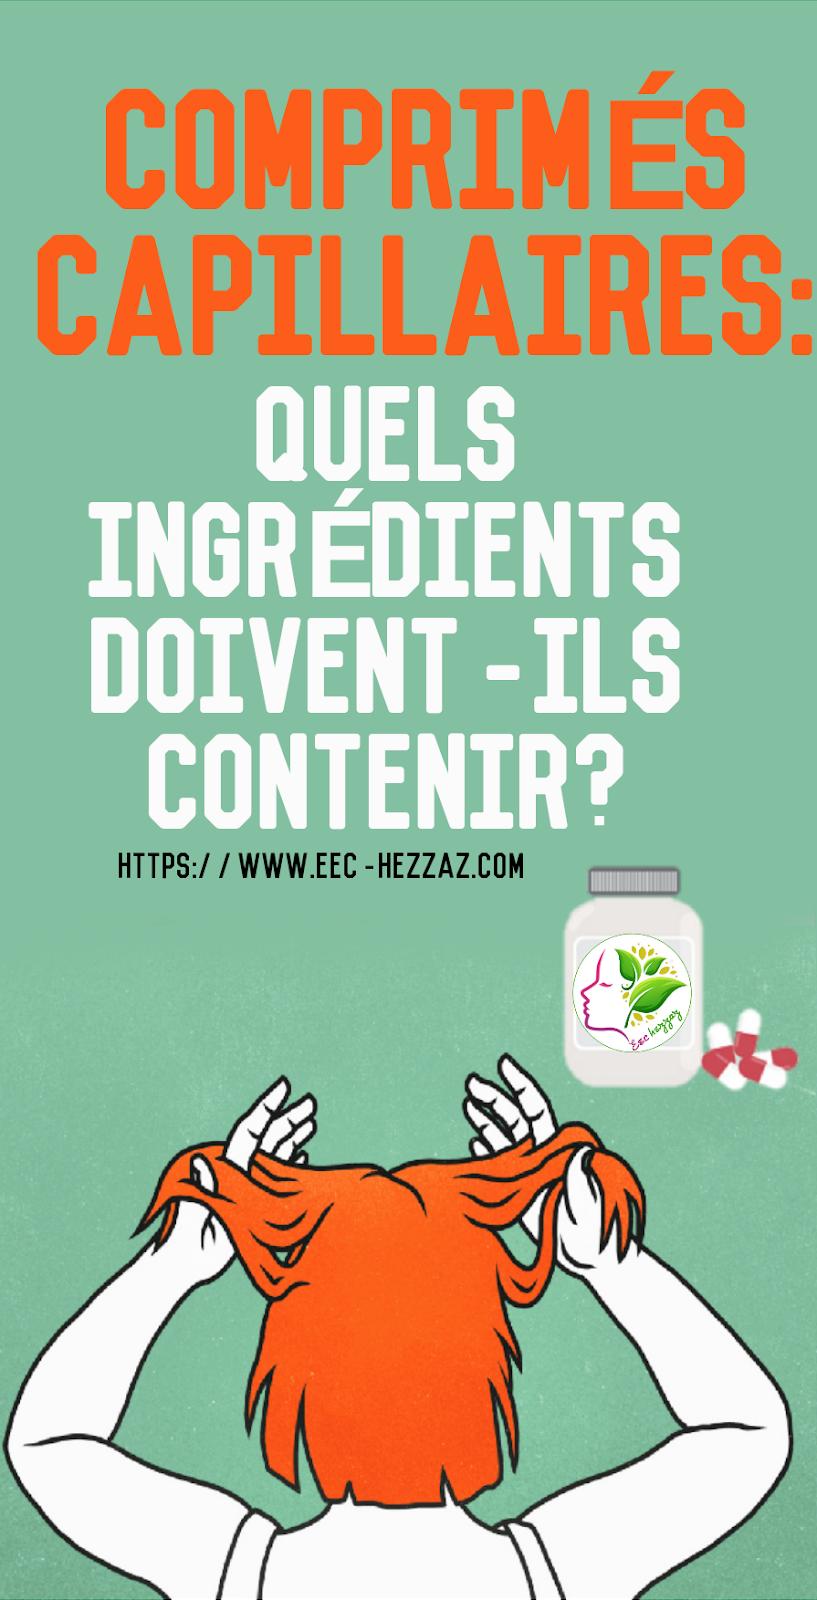 Comprimés capillaires: quels ingrédients doivent-ils contenir?